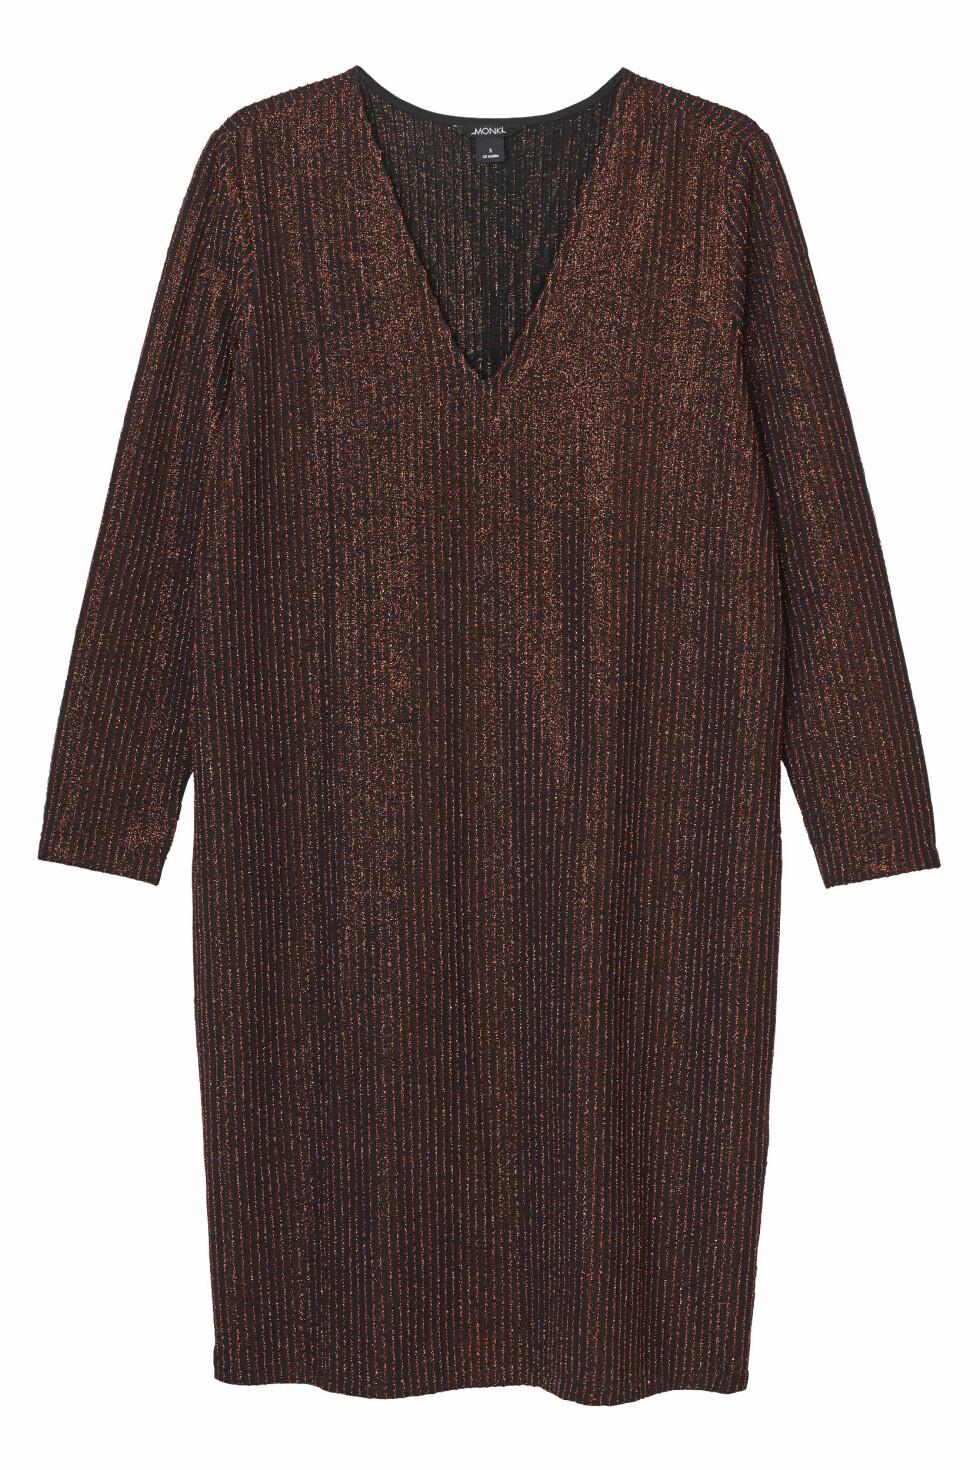 Kjole fra Monki, kr 300. Foto: Produsenten